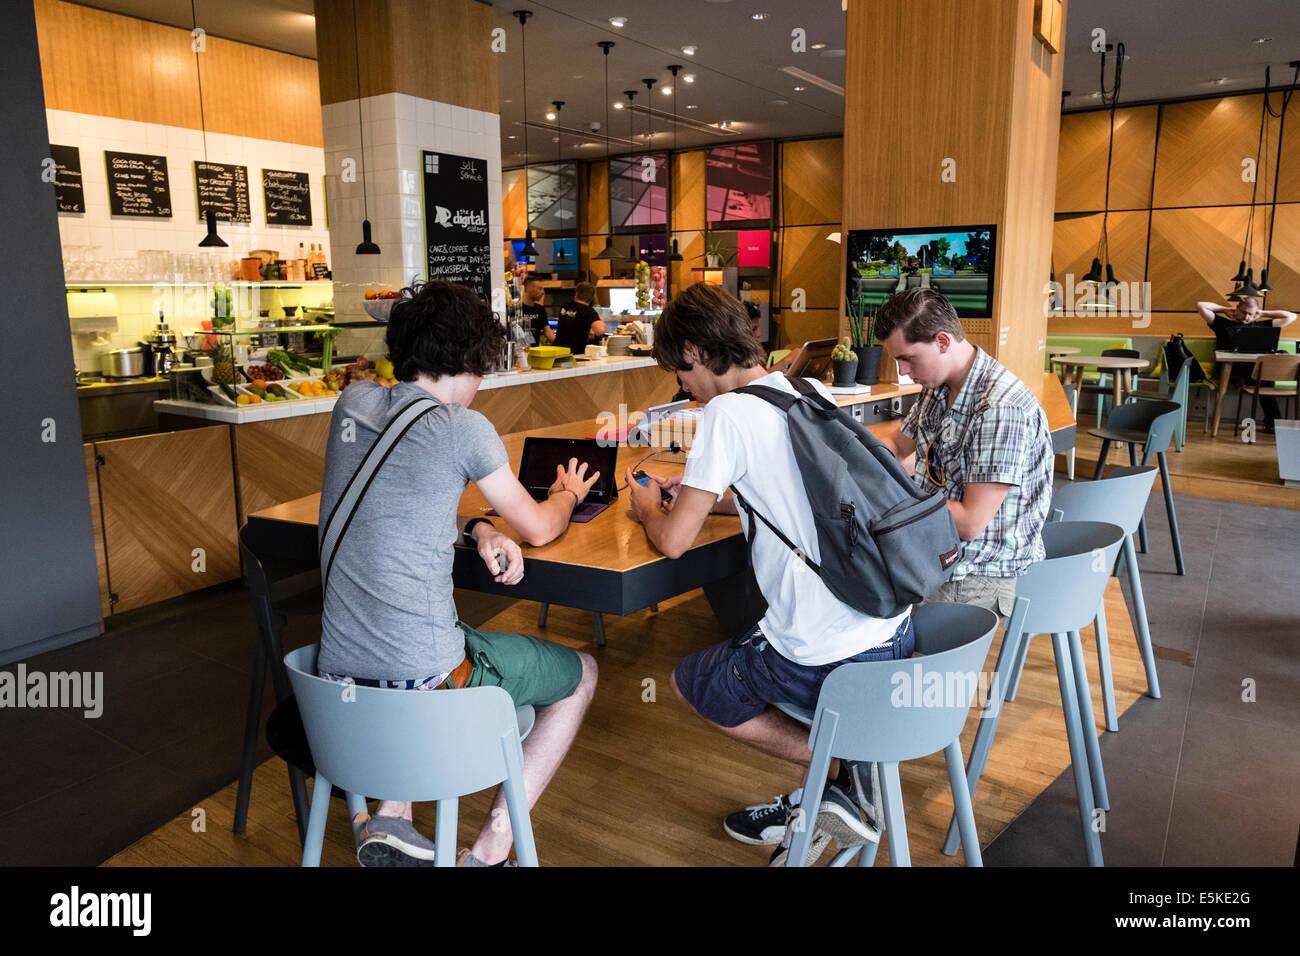 Nuevo Microsoft Digital Eatery cafe en Unter den Linden en Berlín, Alemania Imagen De Stock